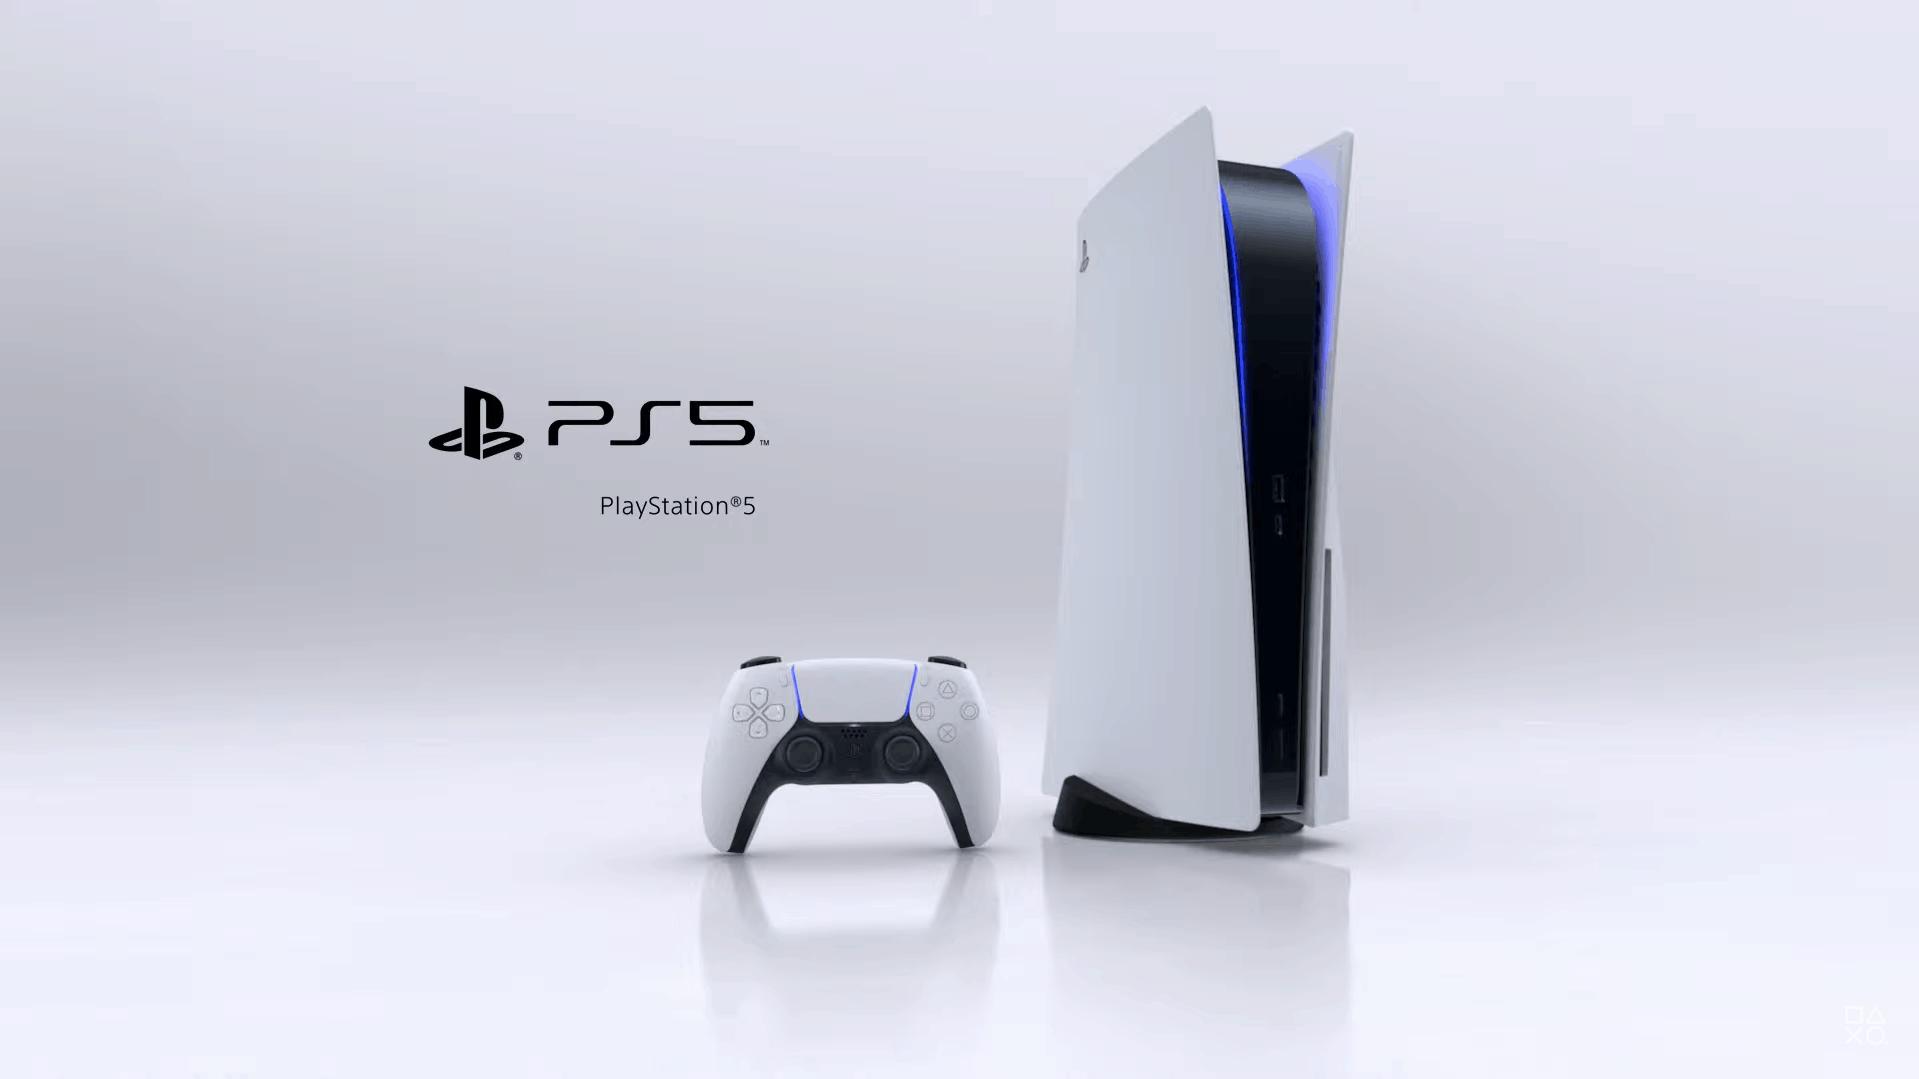 PlayStation 5: Conheça as fantásticas imagens da consola de nova geração | MaisTecnologia